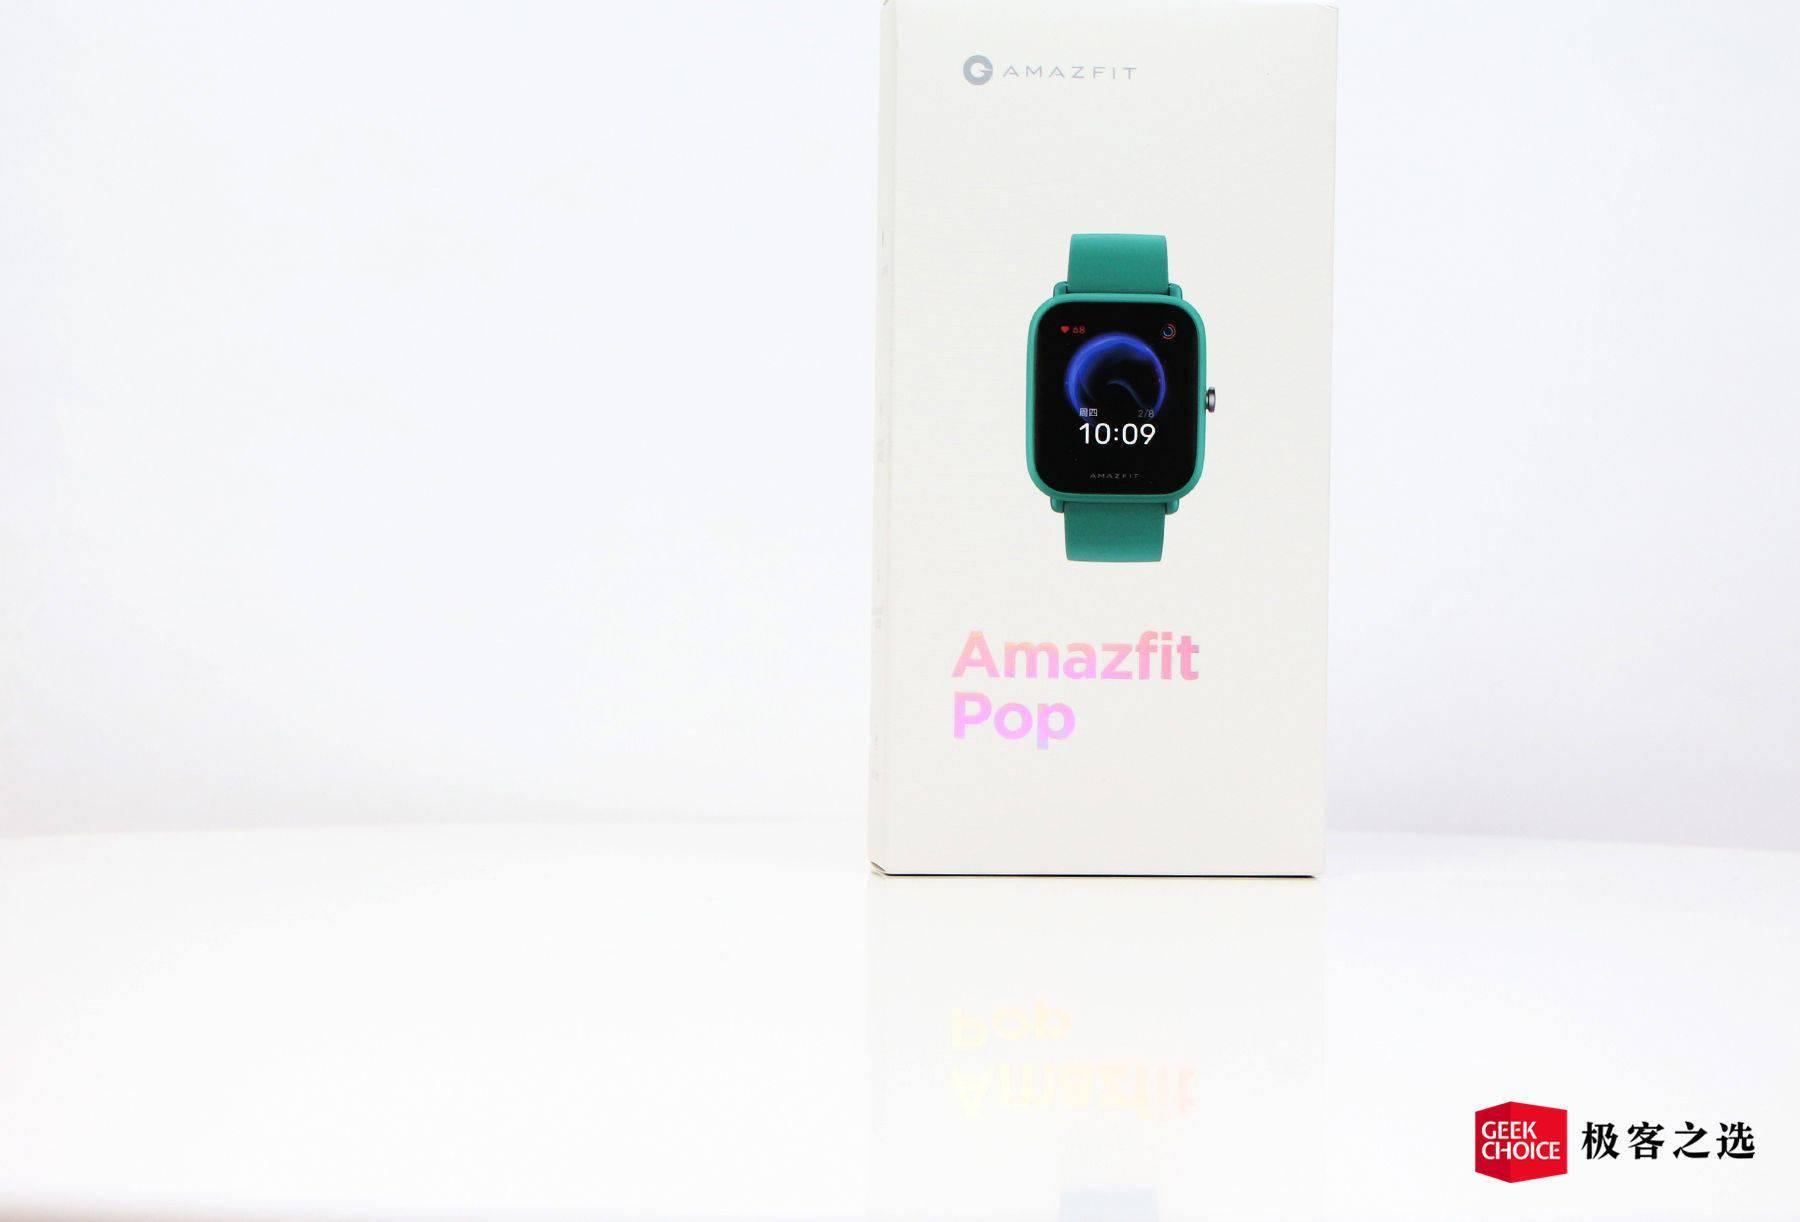 Amazfit Pop 上手:不输旗舰的丰富功能,花 349 元就能买到